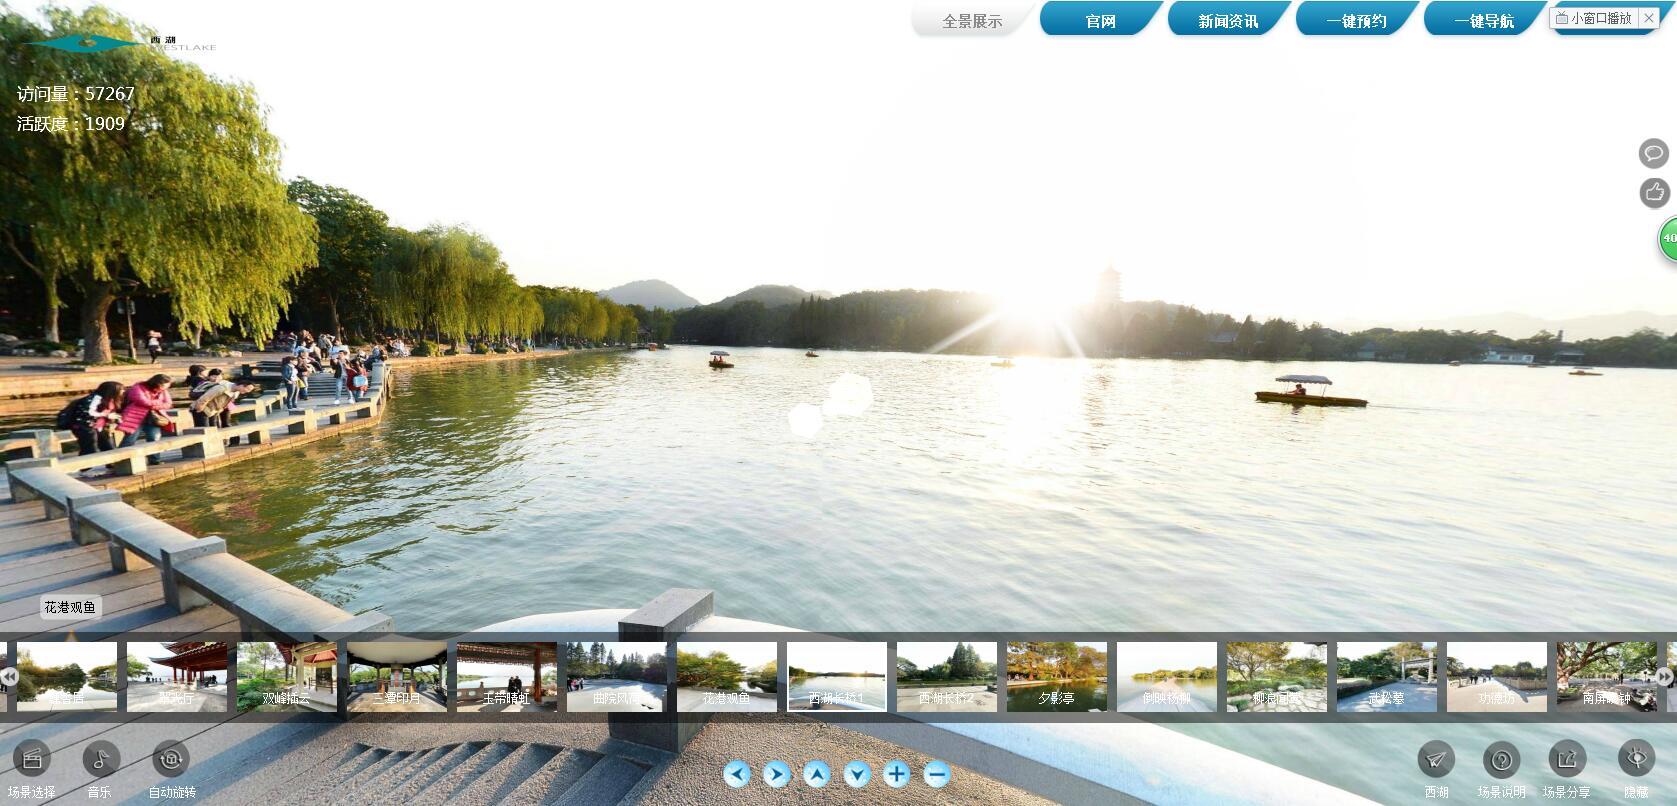 全景作品鉴赏 西湖十景VR全景展示 上